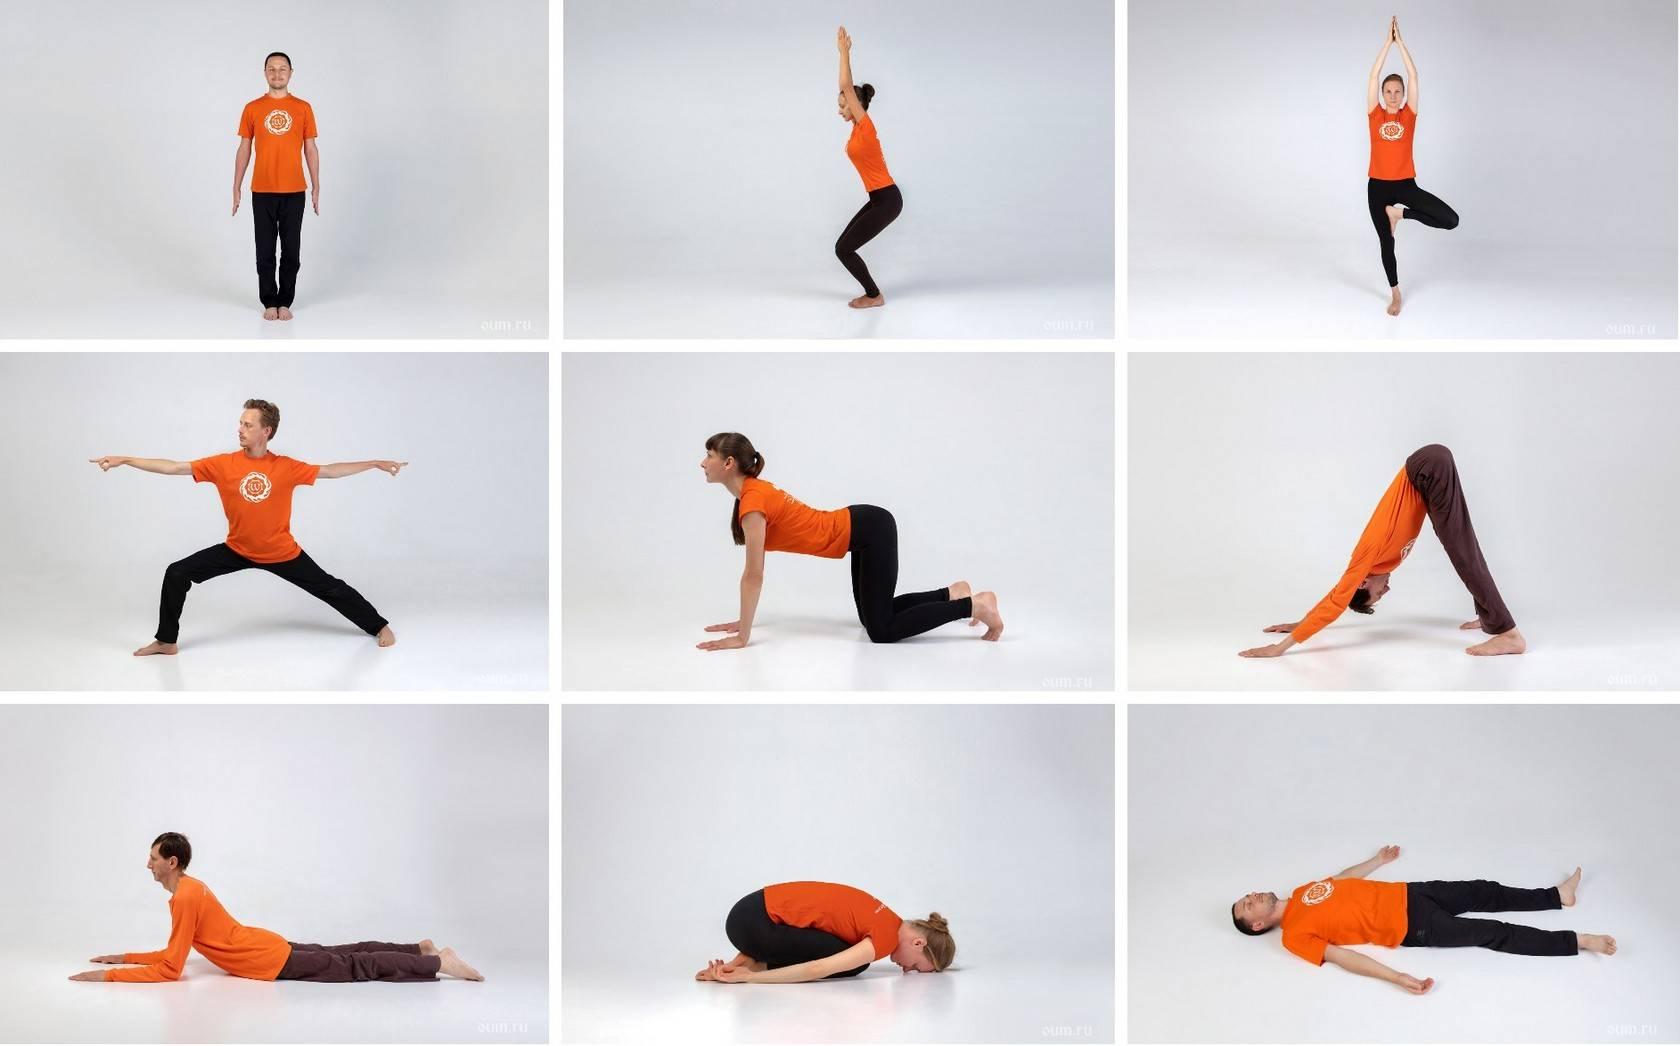 Йога для начинающих дома: 135 фото простых упражнений и советы как правильно заниматься йогой